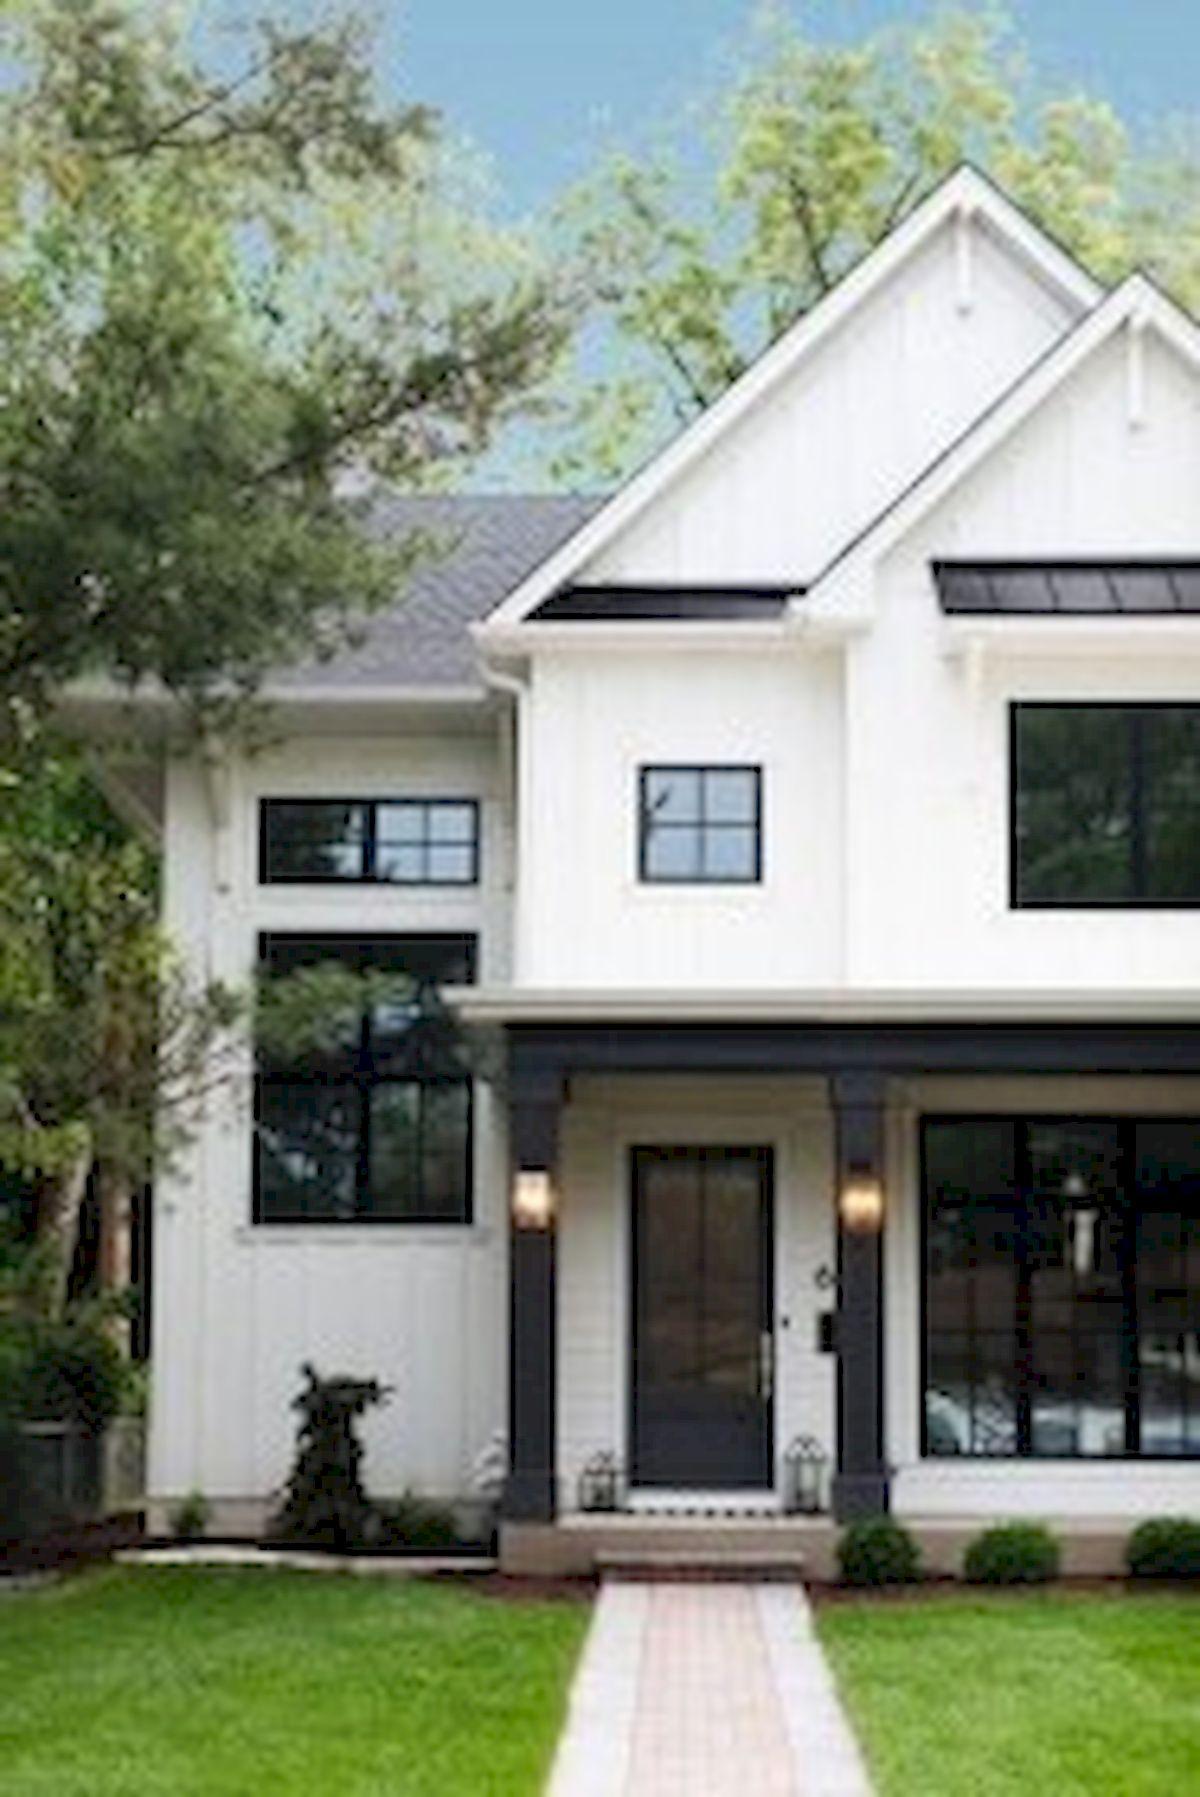 46 Awesome Farmhouse Home Exterior Design Ideas (5)